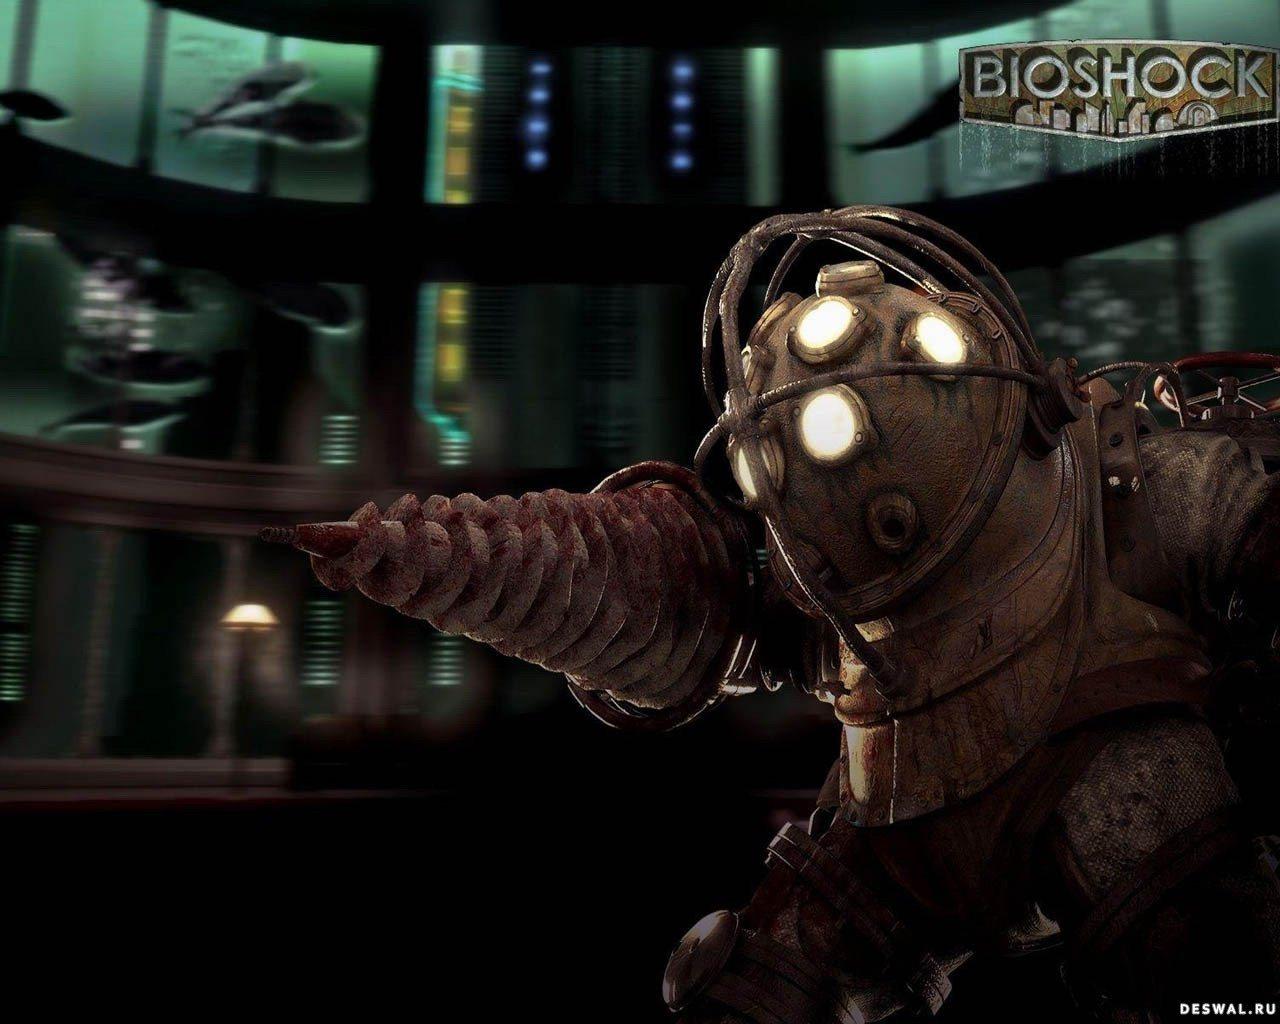 Фото 377.. Нажмите на картинку с компьютерной игрой, чтобы просмотреть ее в реальном размере